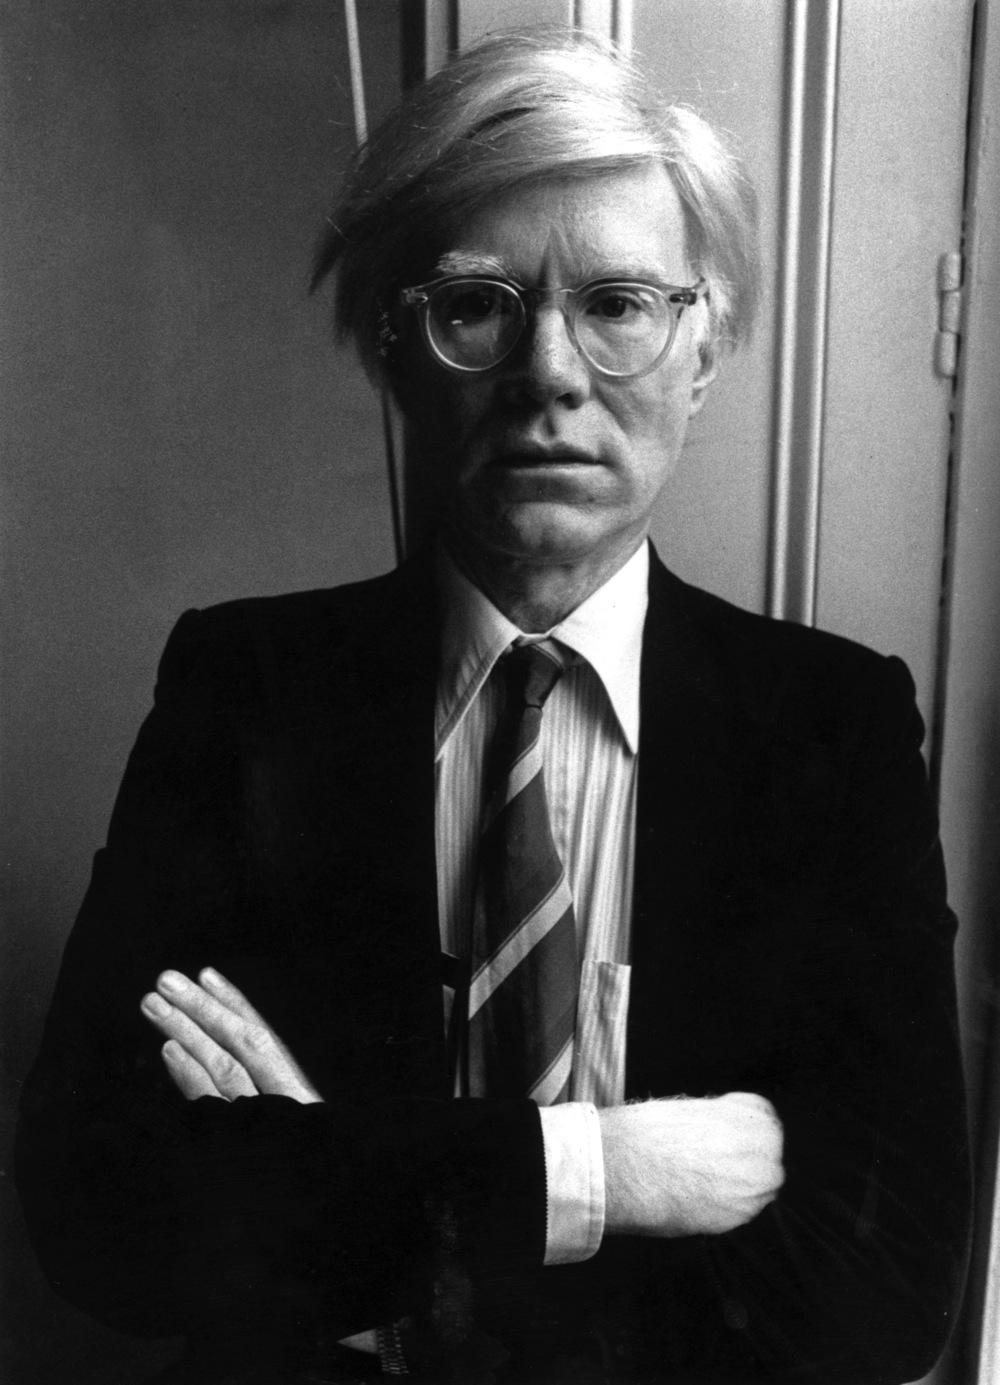 Provavelmente um dos mais importantes e influentes artistas do século 20, Andy Warhol completaria 86 anos no dia de hoje. E tão importante quanto a sua contribuição para a arte - através do movimento Pop - e para a música - com colaborações com artistas como Rolling Stones e Velvet Underground - Warhol também deixou um legado enorme para a moda. E não só pelo seu bom gosto impresso nas roupas que vestia, mas pela forma que influenciou o mercado através das mais criativas ideias que se refletiam nas mais variadas formas de arte. Um visionário que deixou a sua marca em tudo.